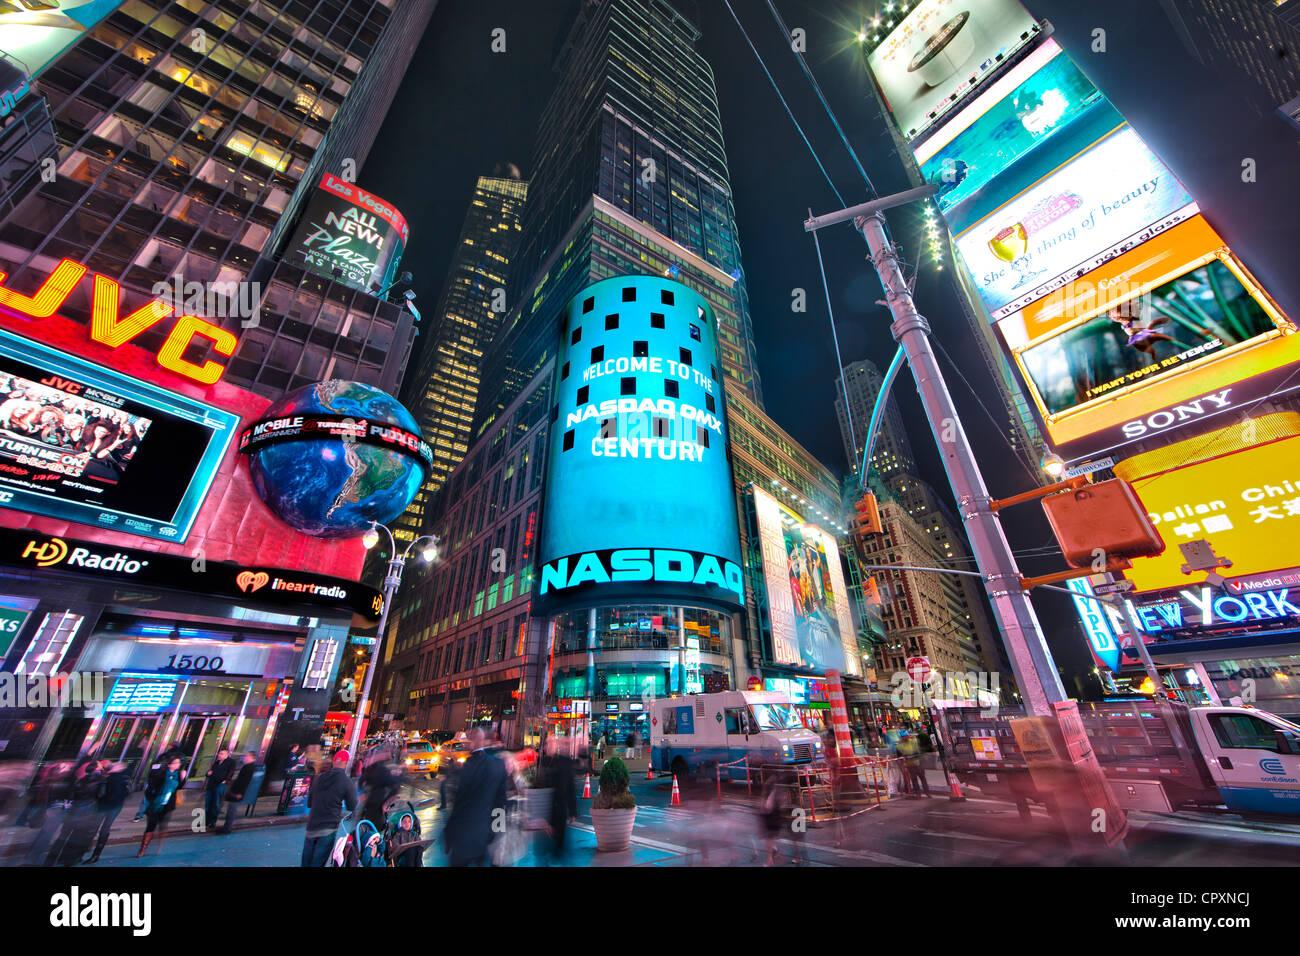 Nasdaq Marketsite Building At Night In Times Square In